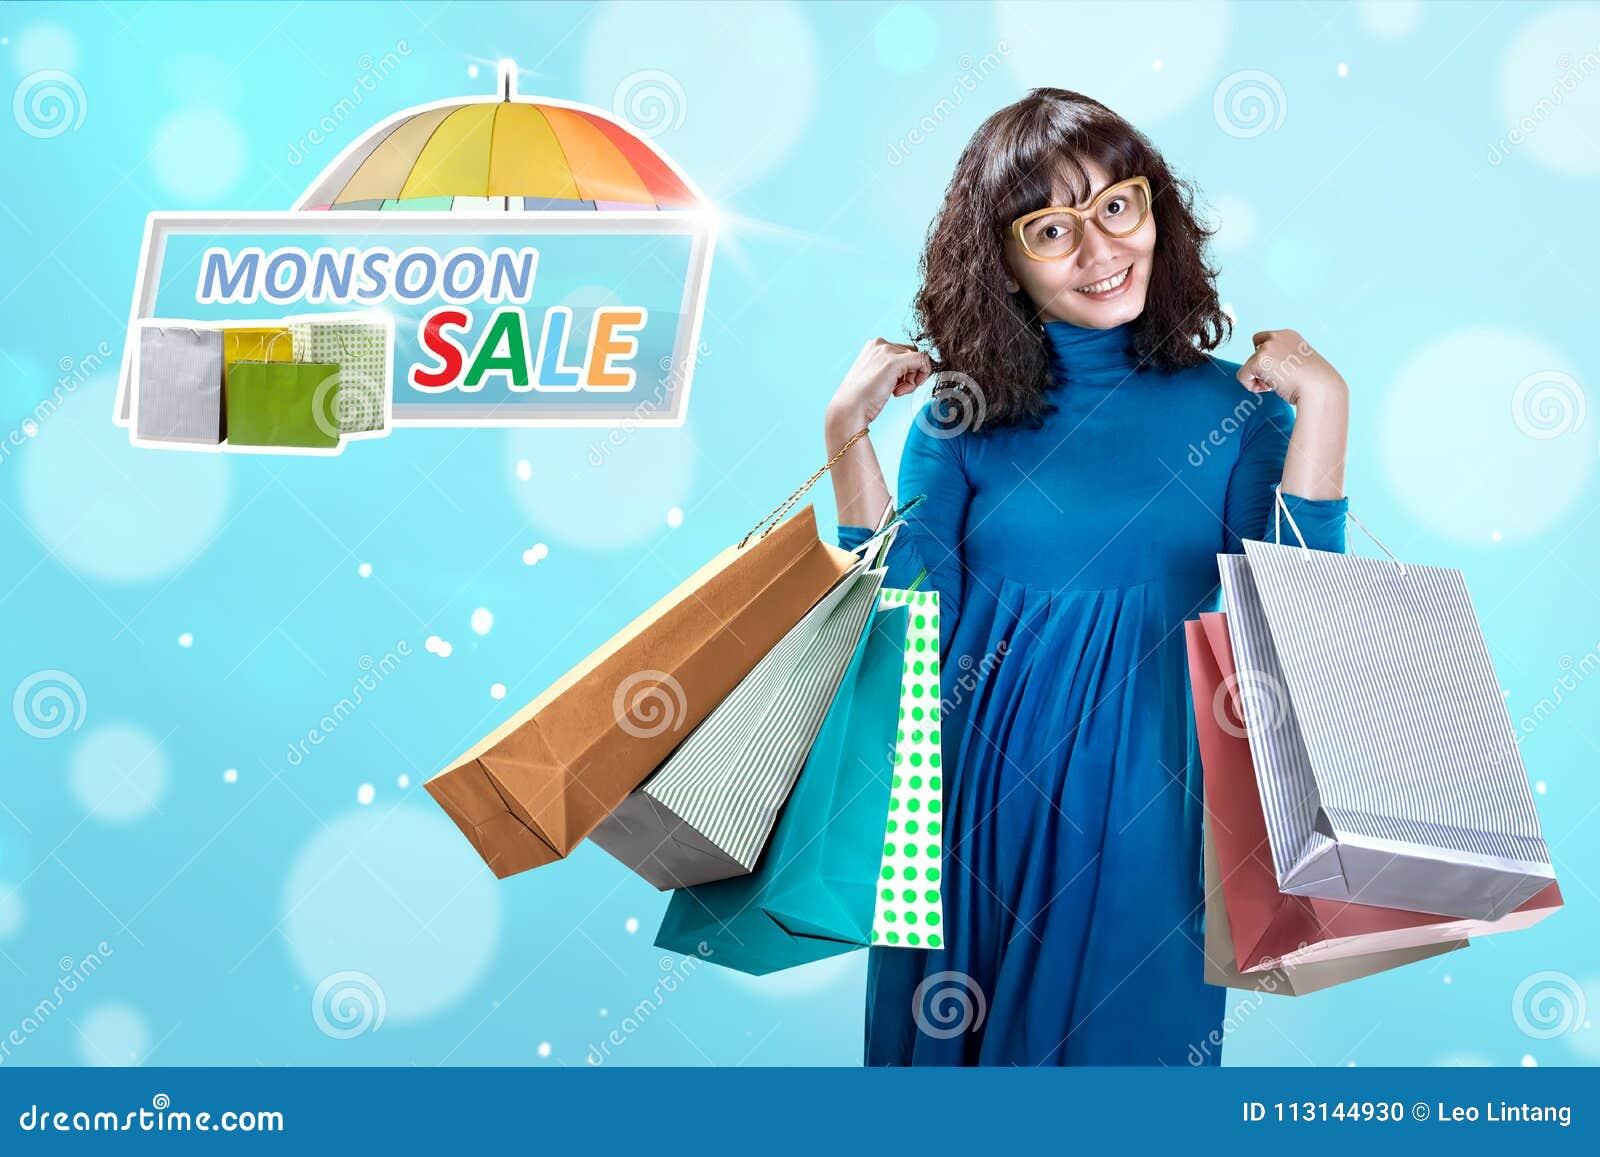 Ευτυχής ασιατική γυναίκα με πολλή τσάντα αγορών στην πώληση μουσώνα